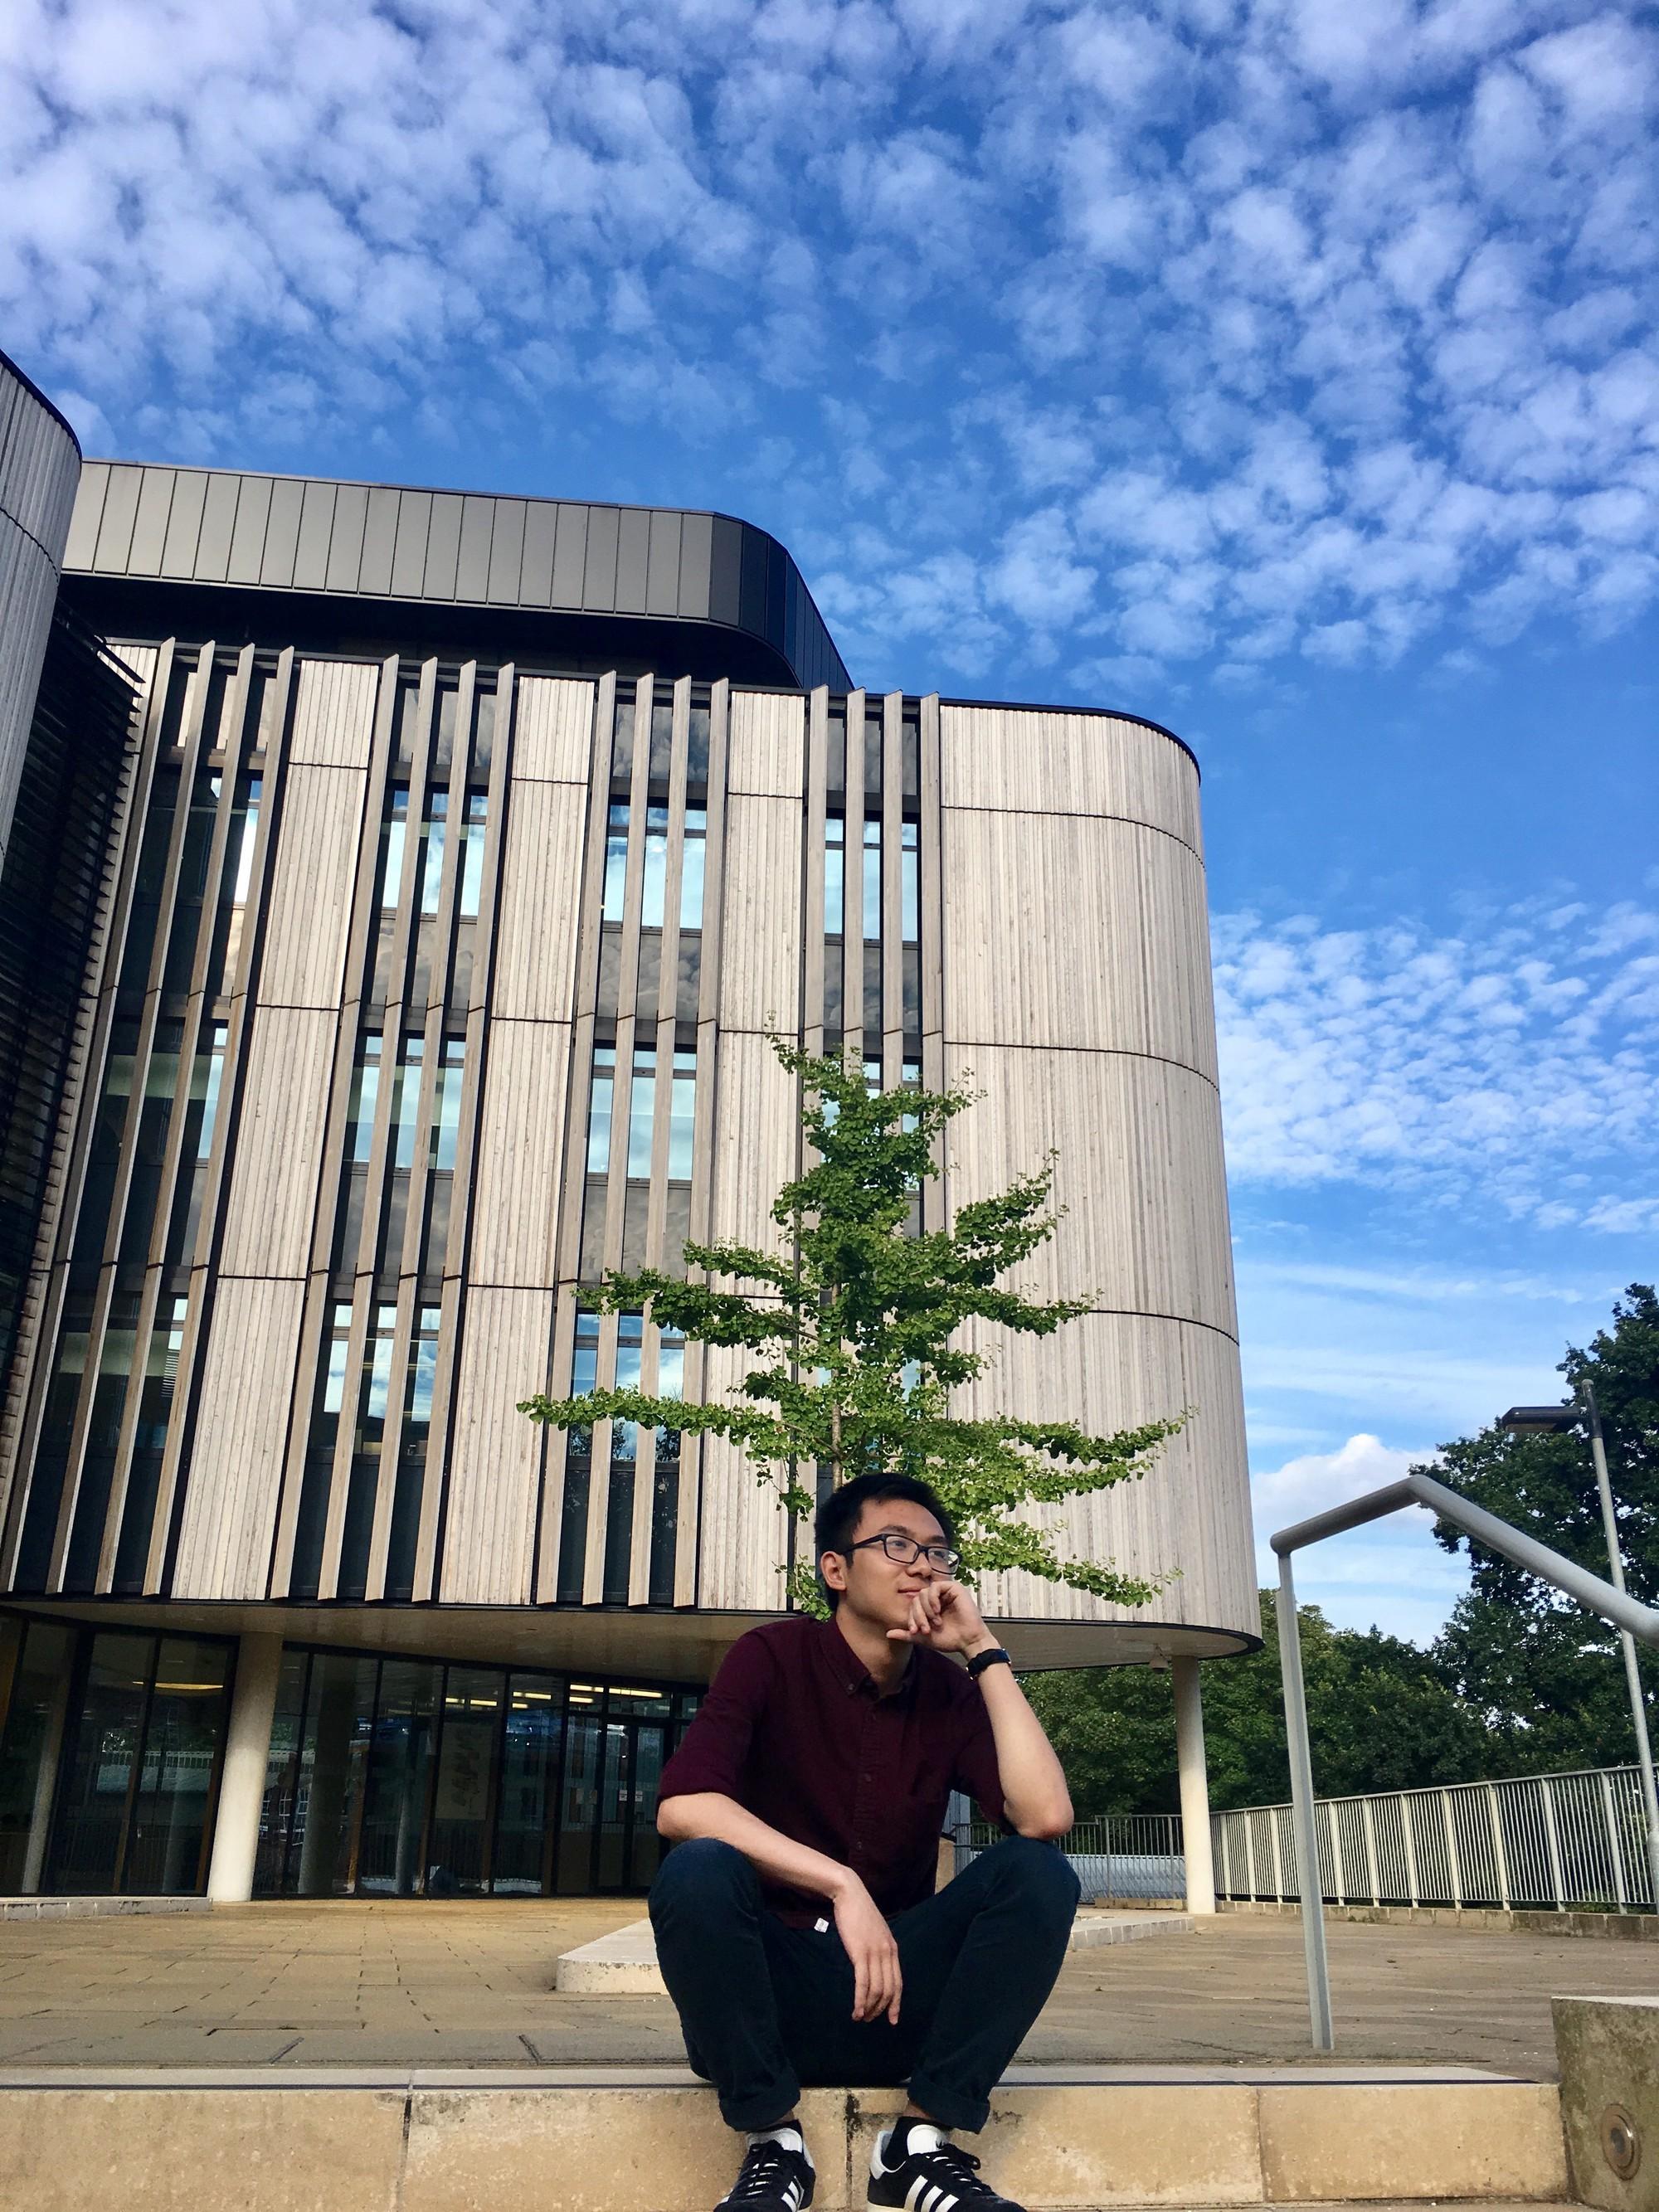 Chàng trai Hà Tĩnh chuẩn con nhà người ta: HCB Toán quốc tế, nhận học bổng tiến sĩ toàn phần khi mới học năm 3 - Ảnh 7.